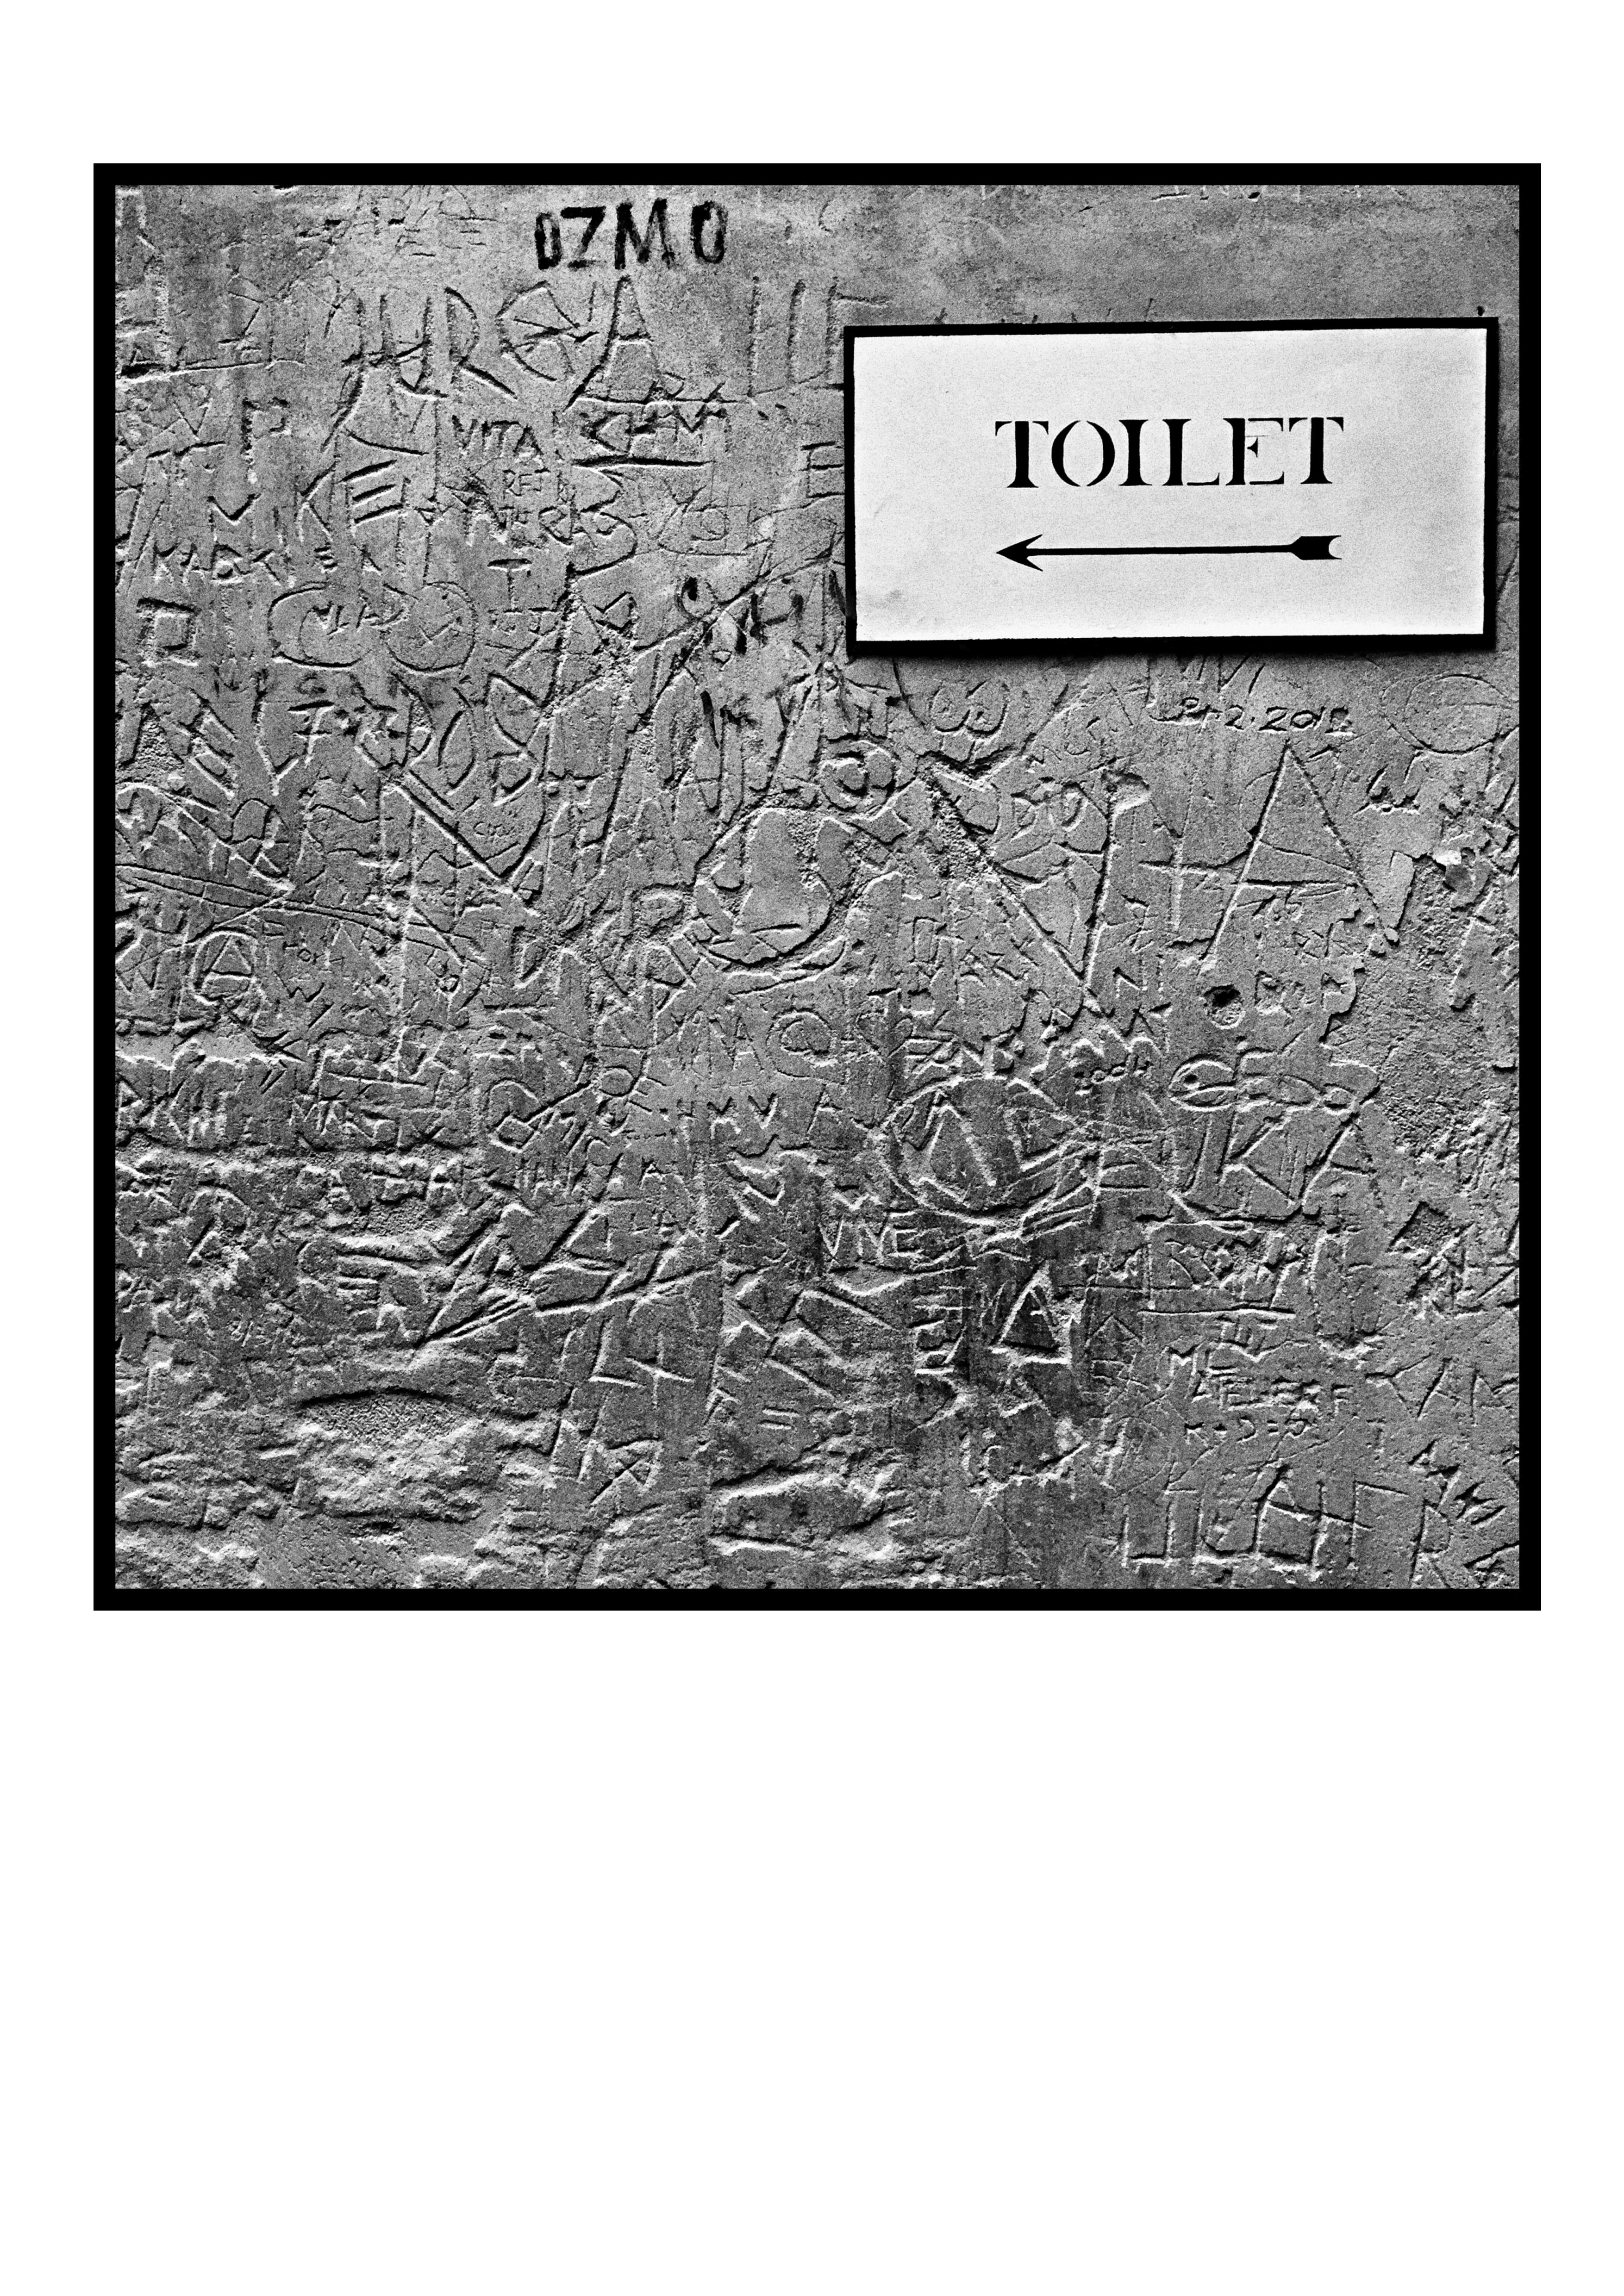 washroom#2